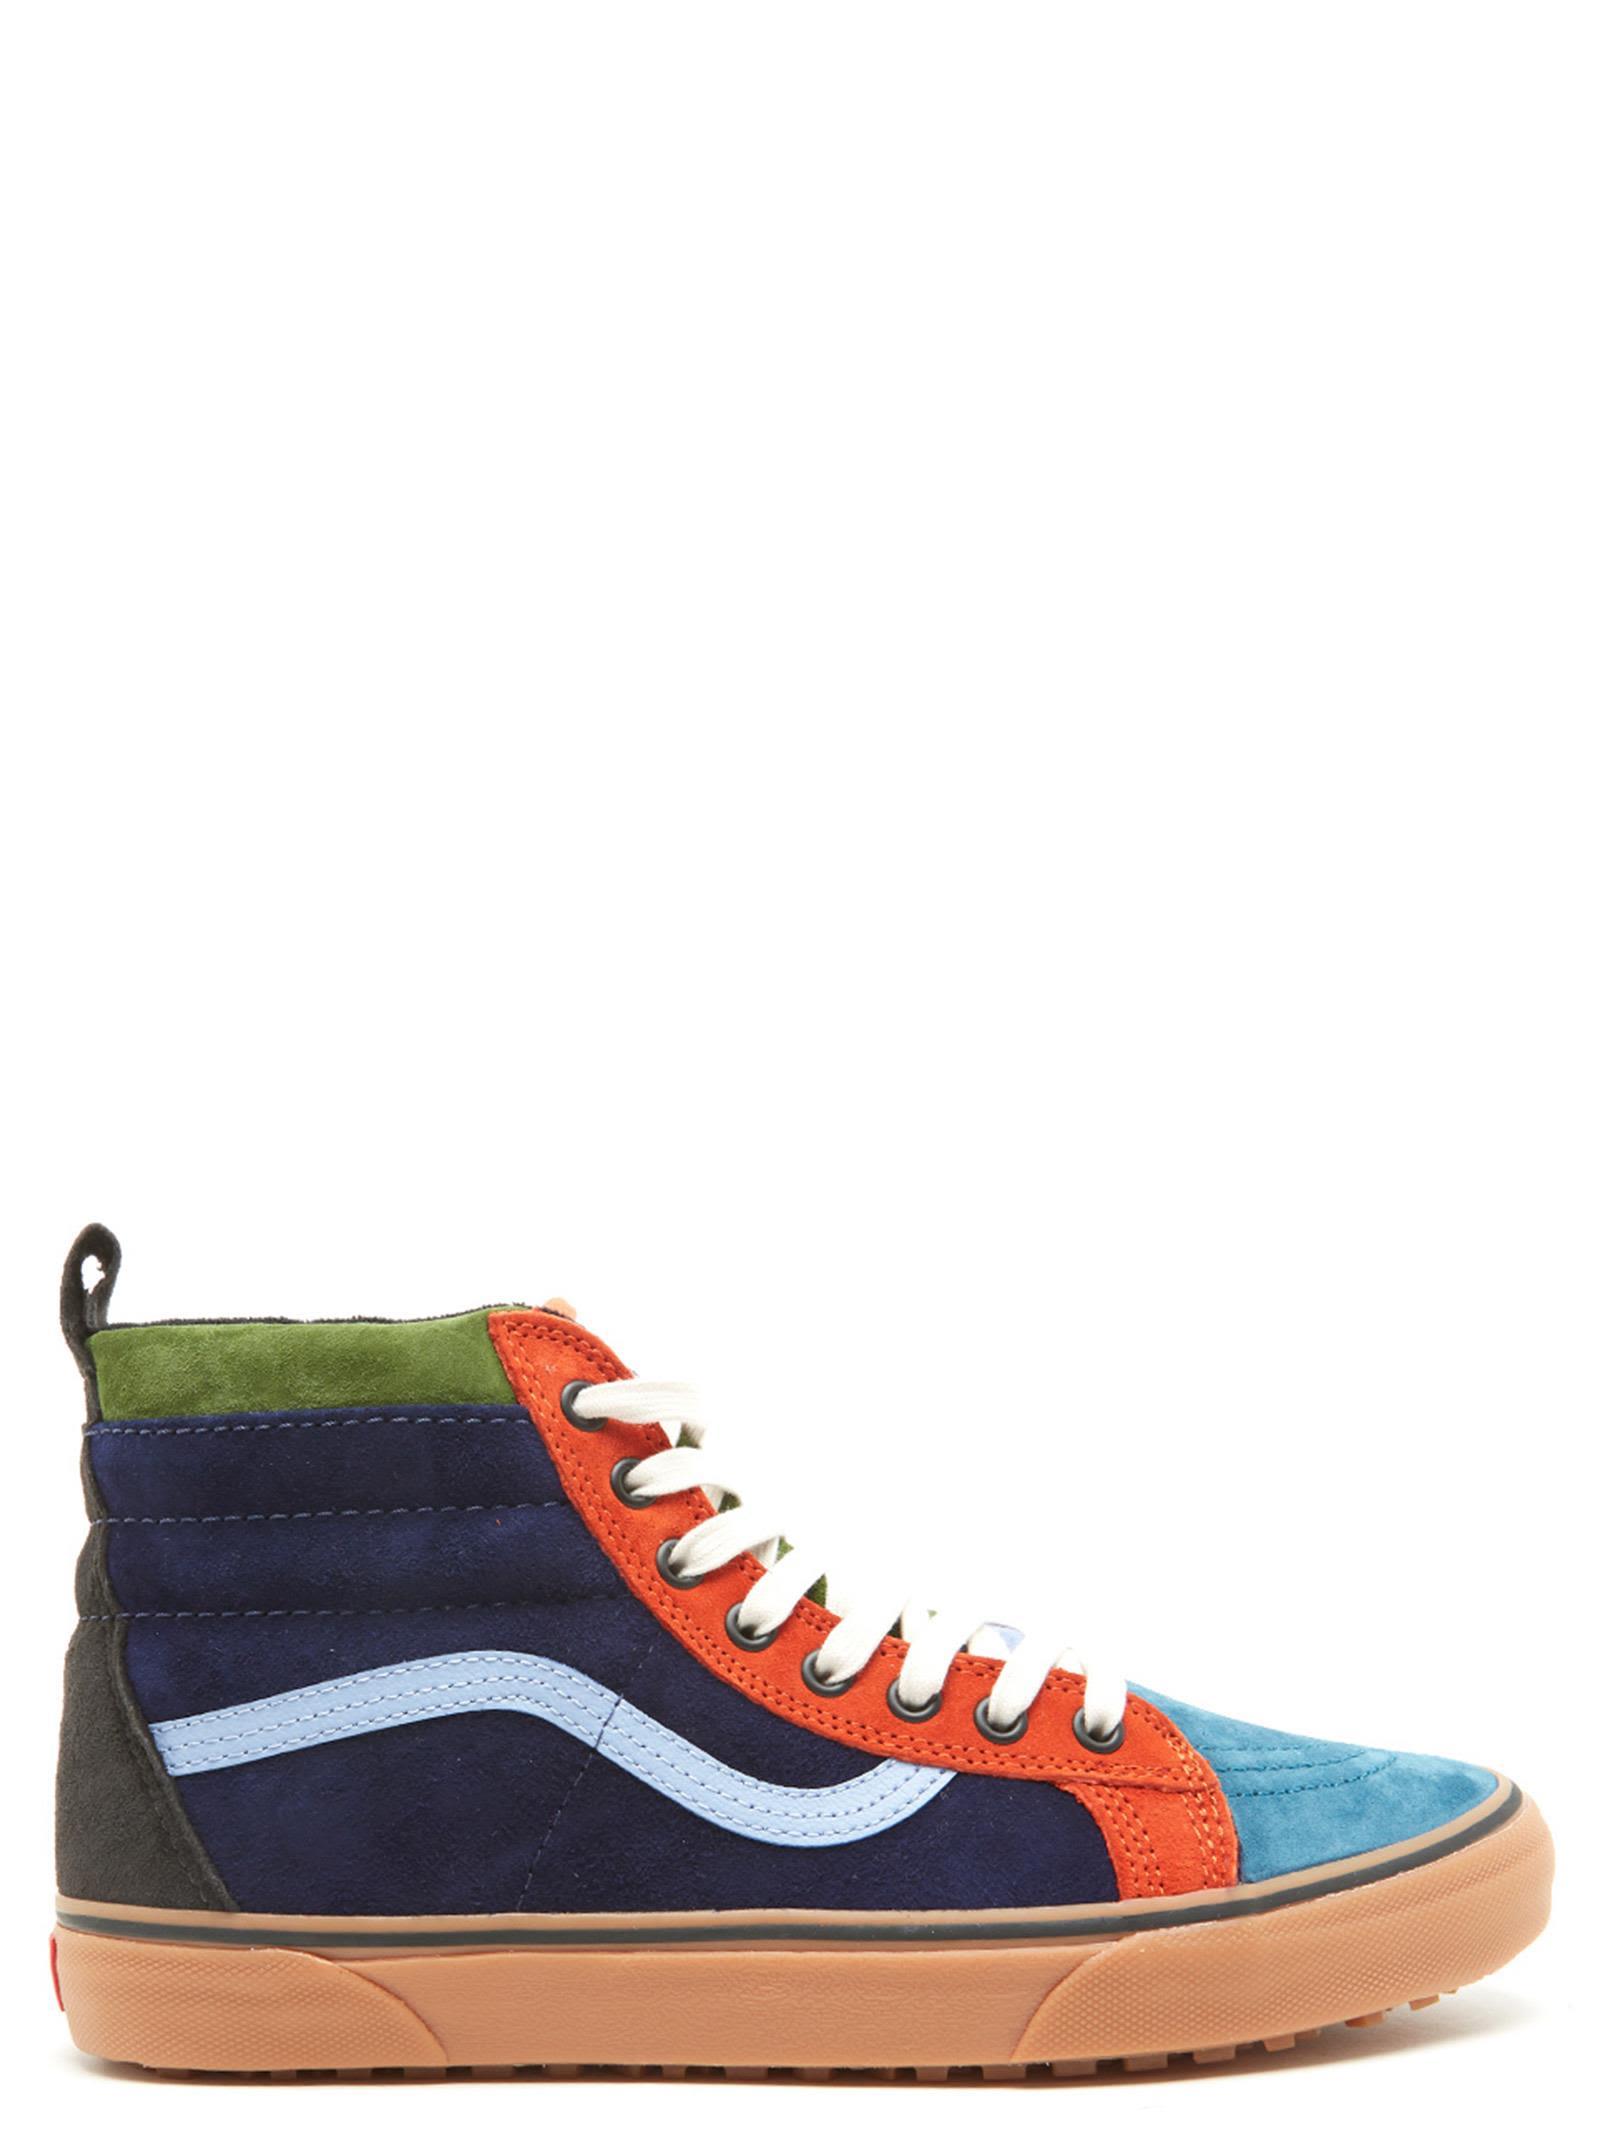 Vans 'sk8-hi Mte' Shoes